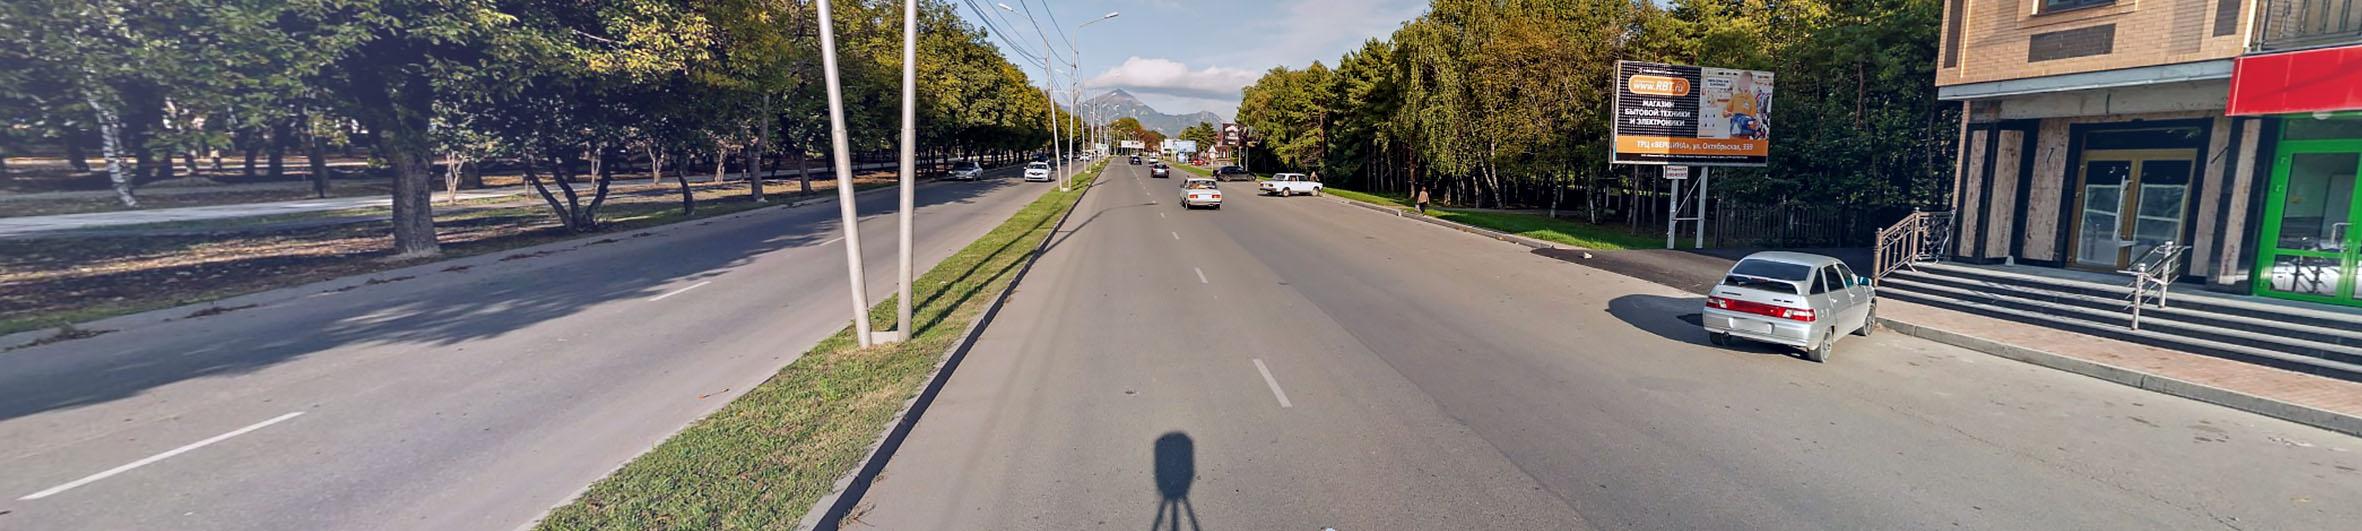 Реклама на билбордах в Ставропольском крае Ессентуки